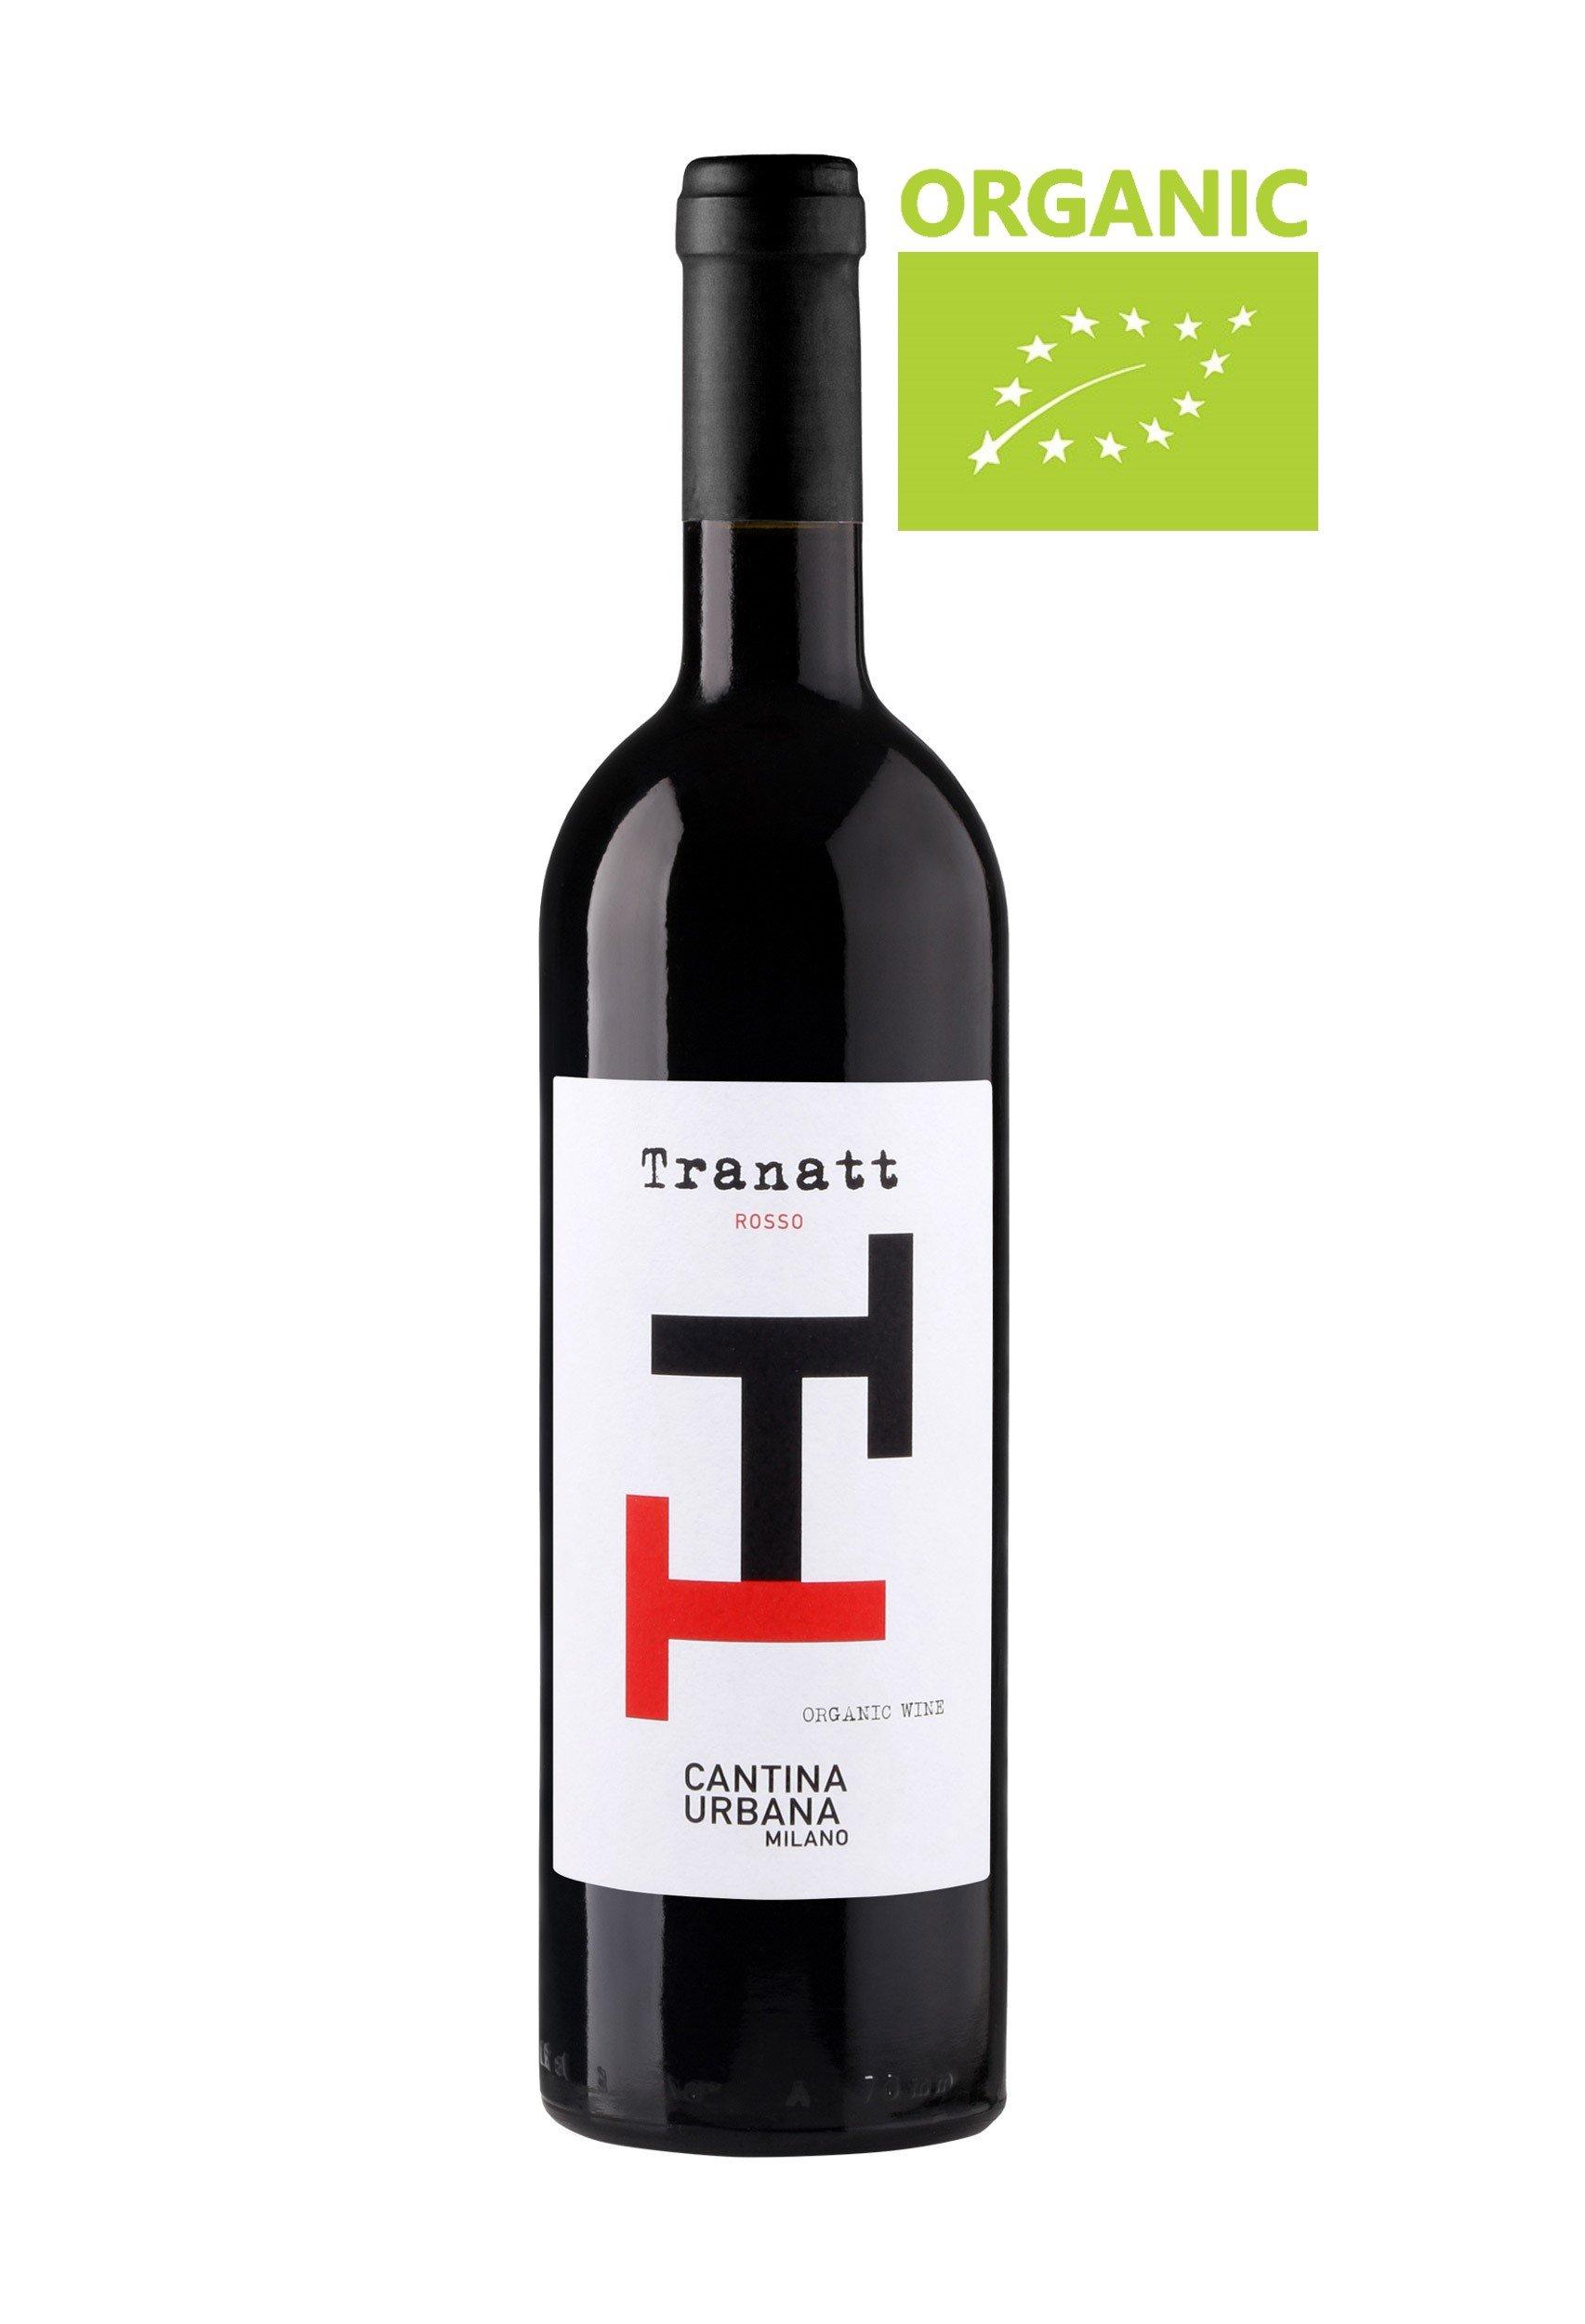 Tranatt Rosso Organic (6 bottiglie)